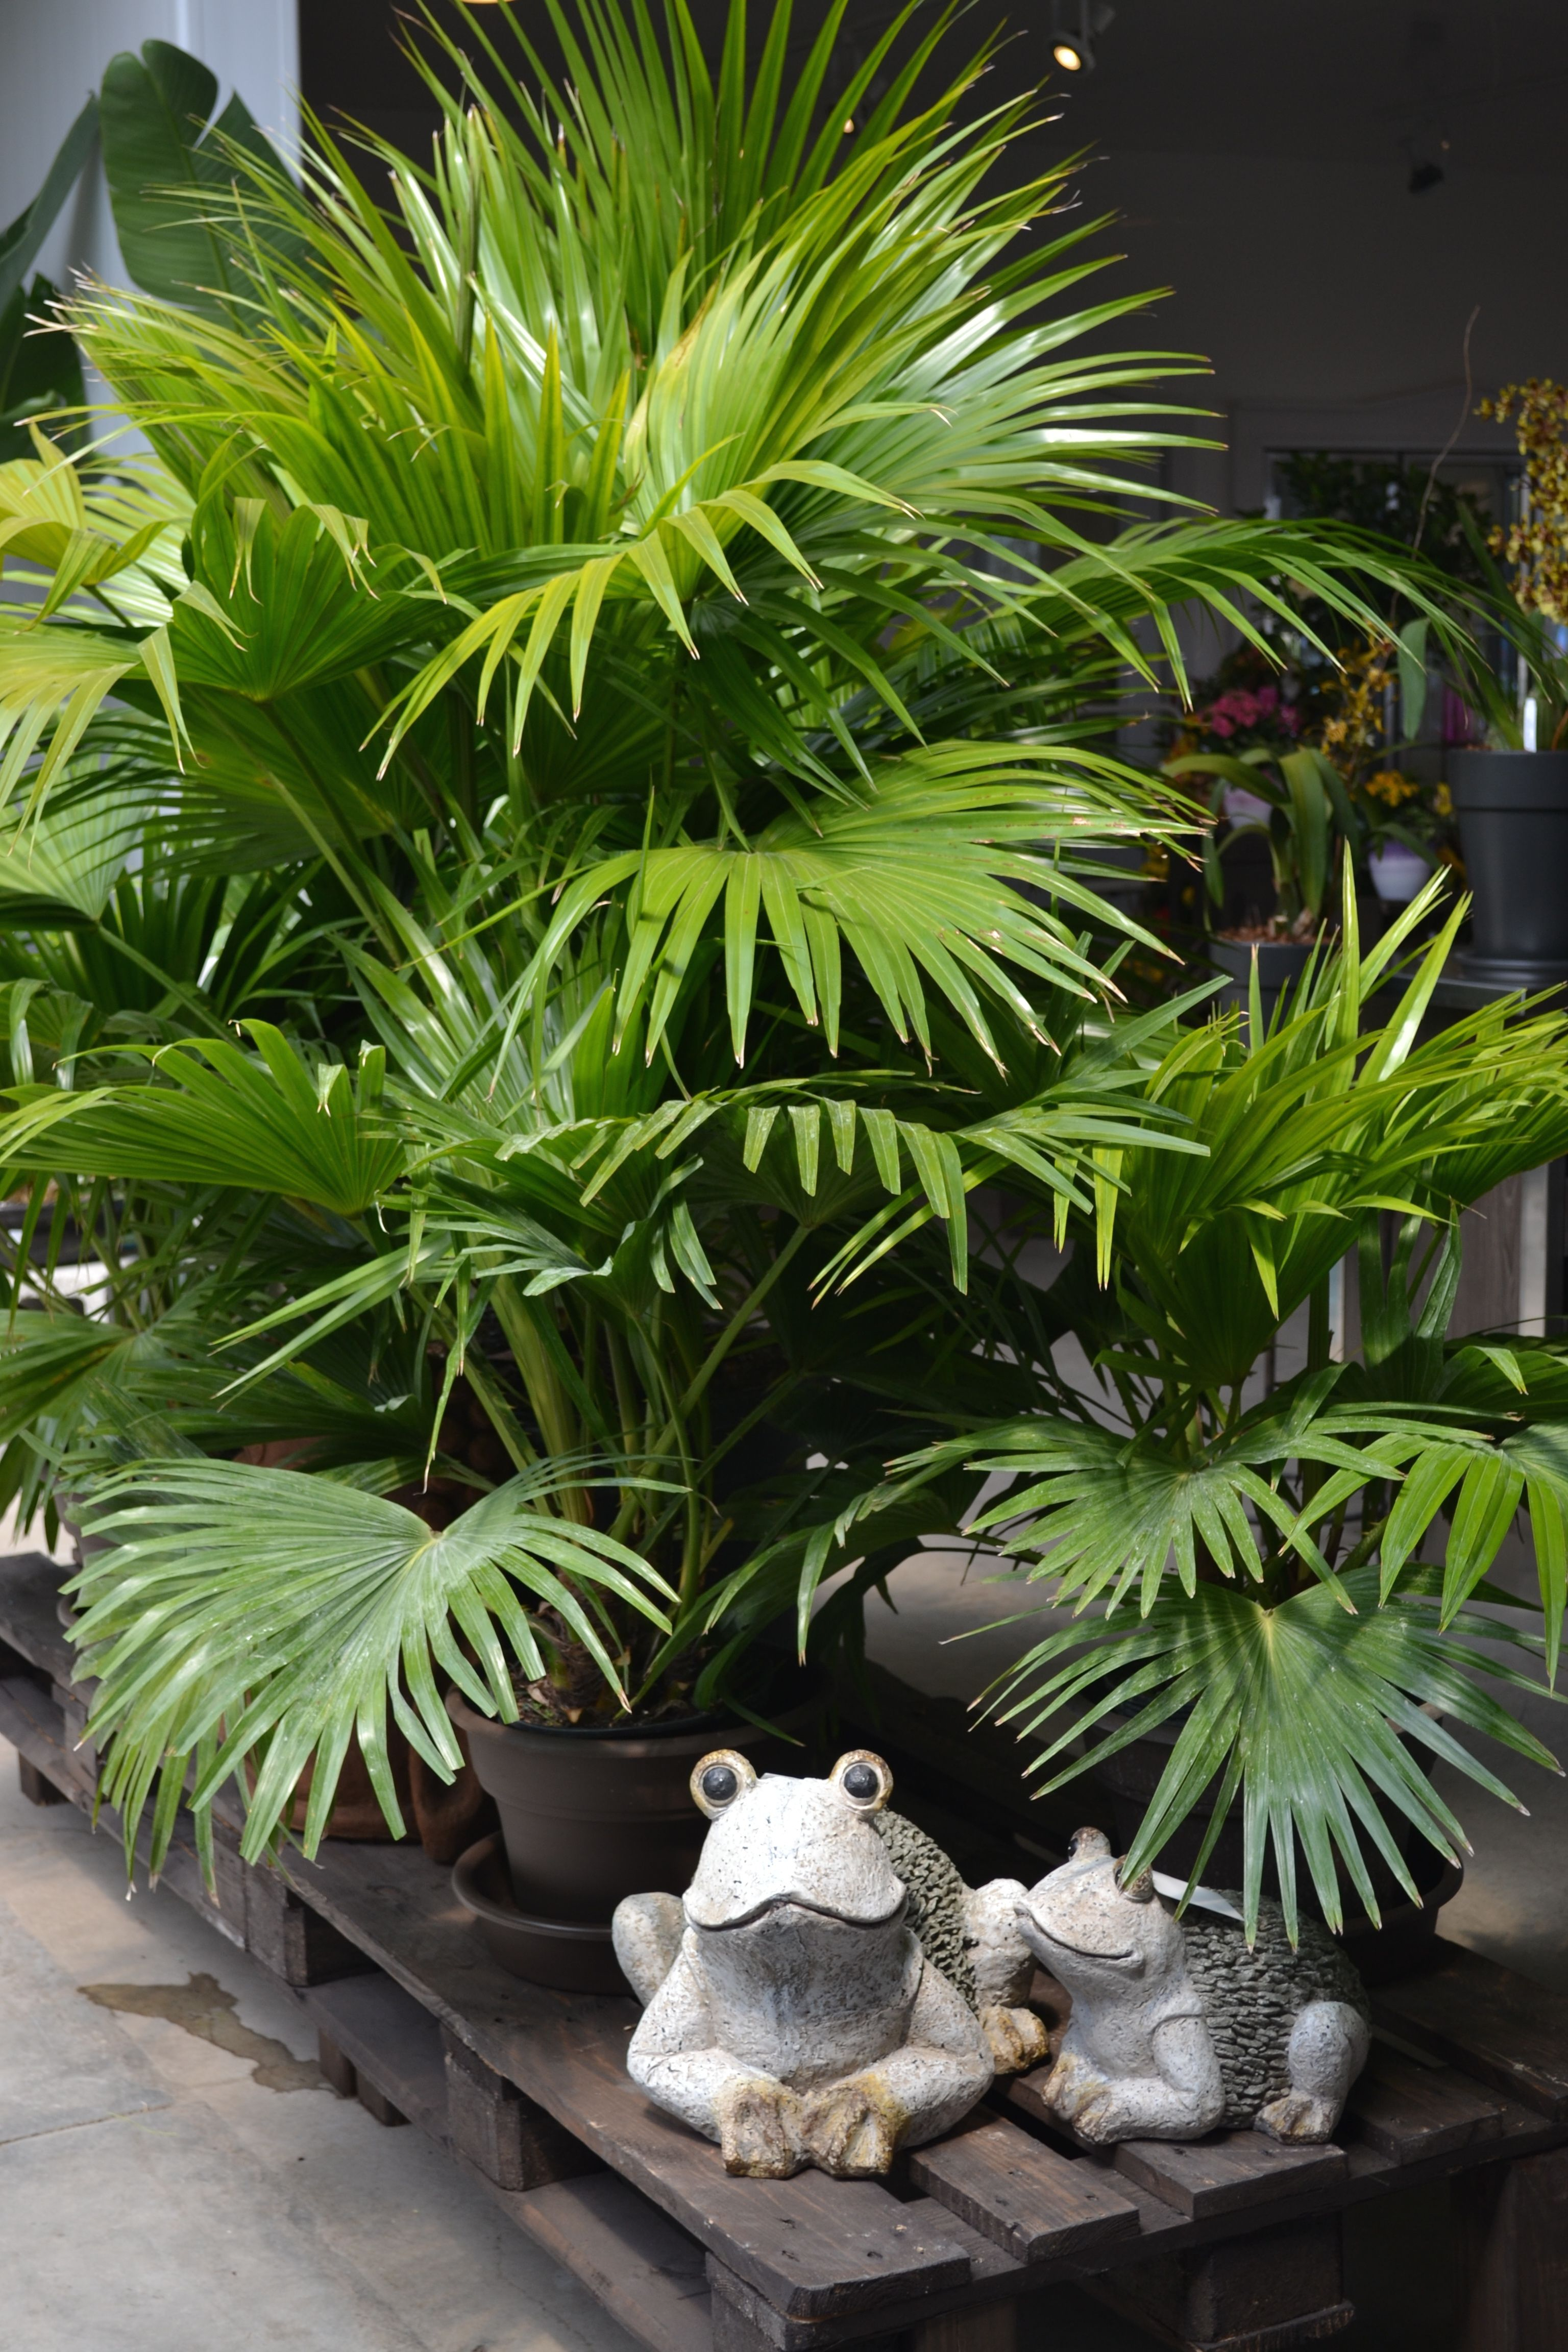 palmier decoration jardin pinterest palmiers centre de jardin et decoration jardin. Black Bedroom Furniture Sets. Home Design Ideas